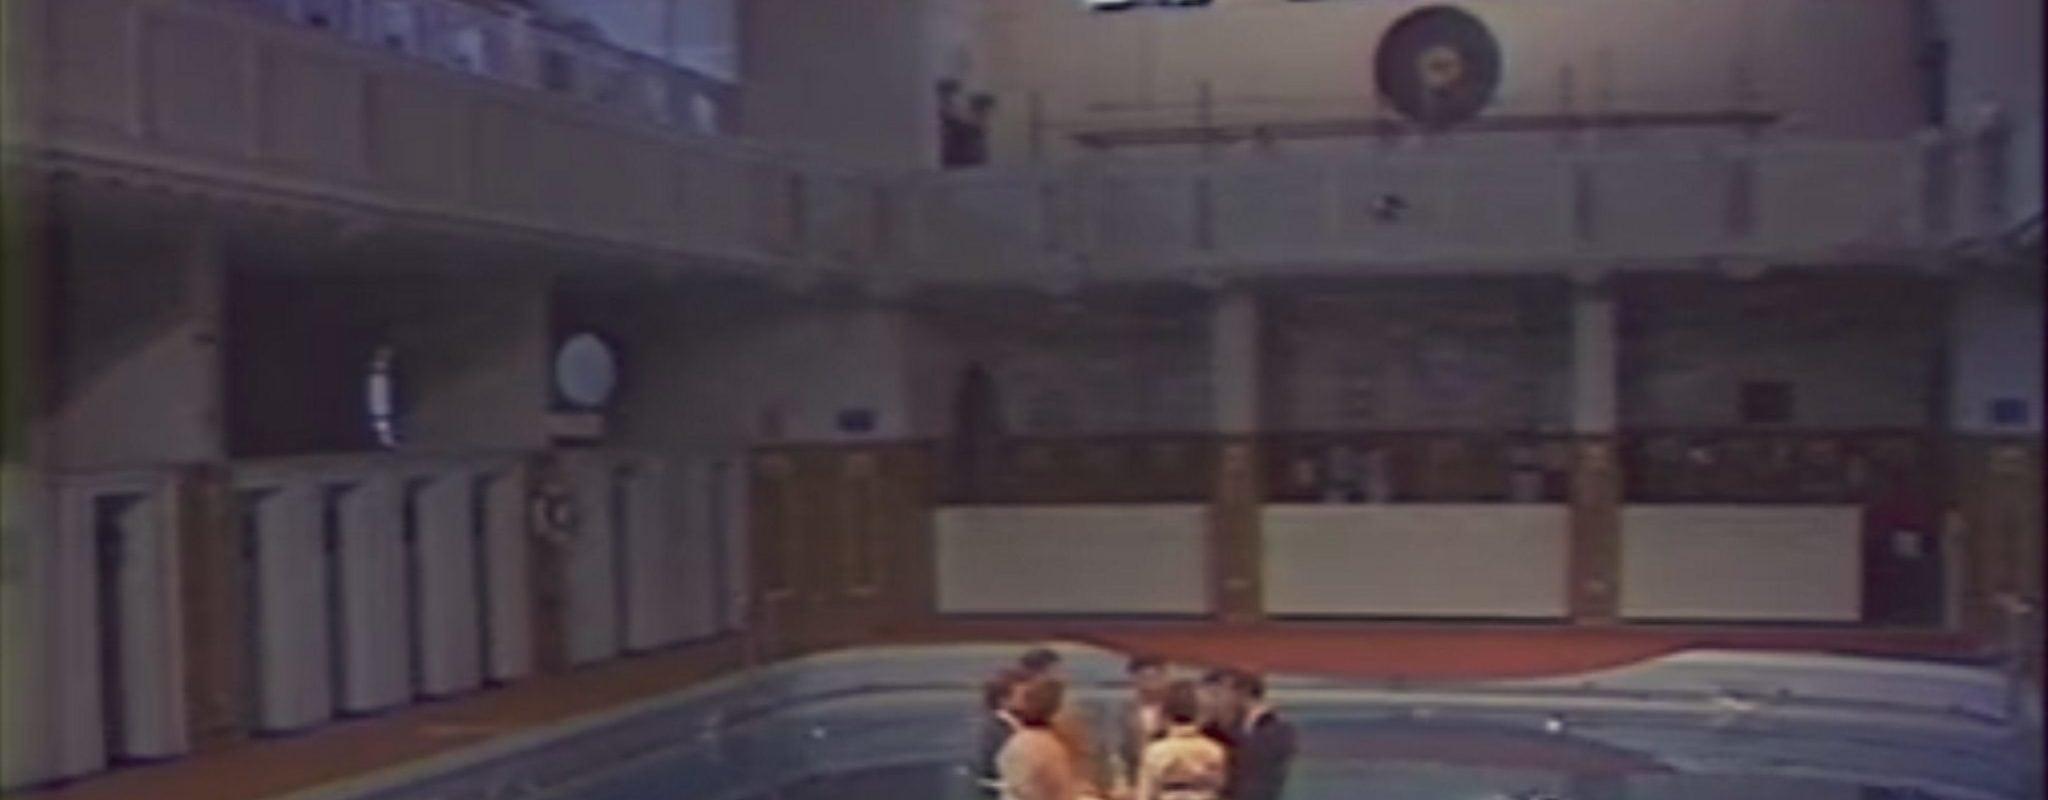 Les Bains municipaux, une piscine où l'on a toujours eu d'autres loisirs que la natation